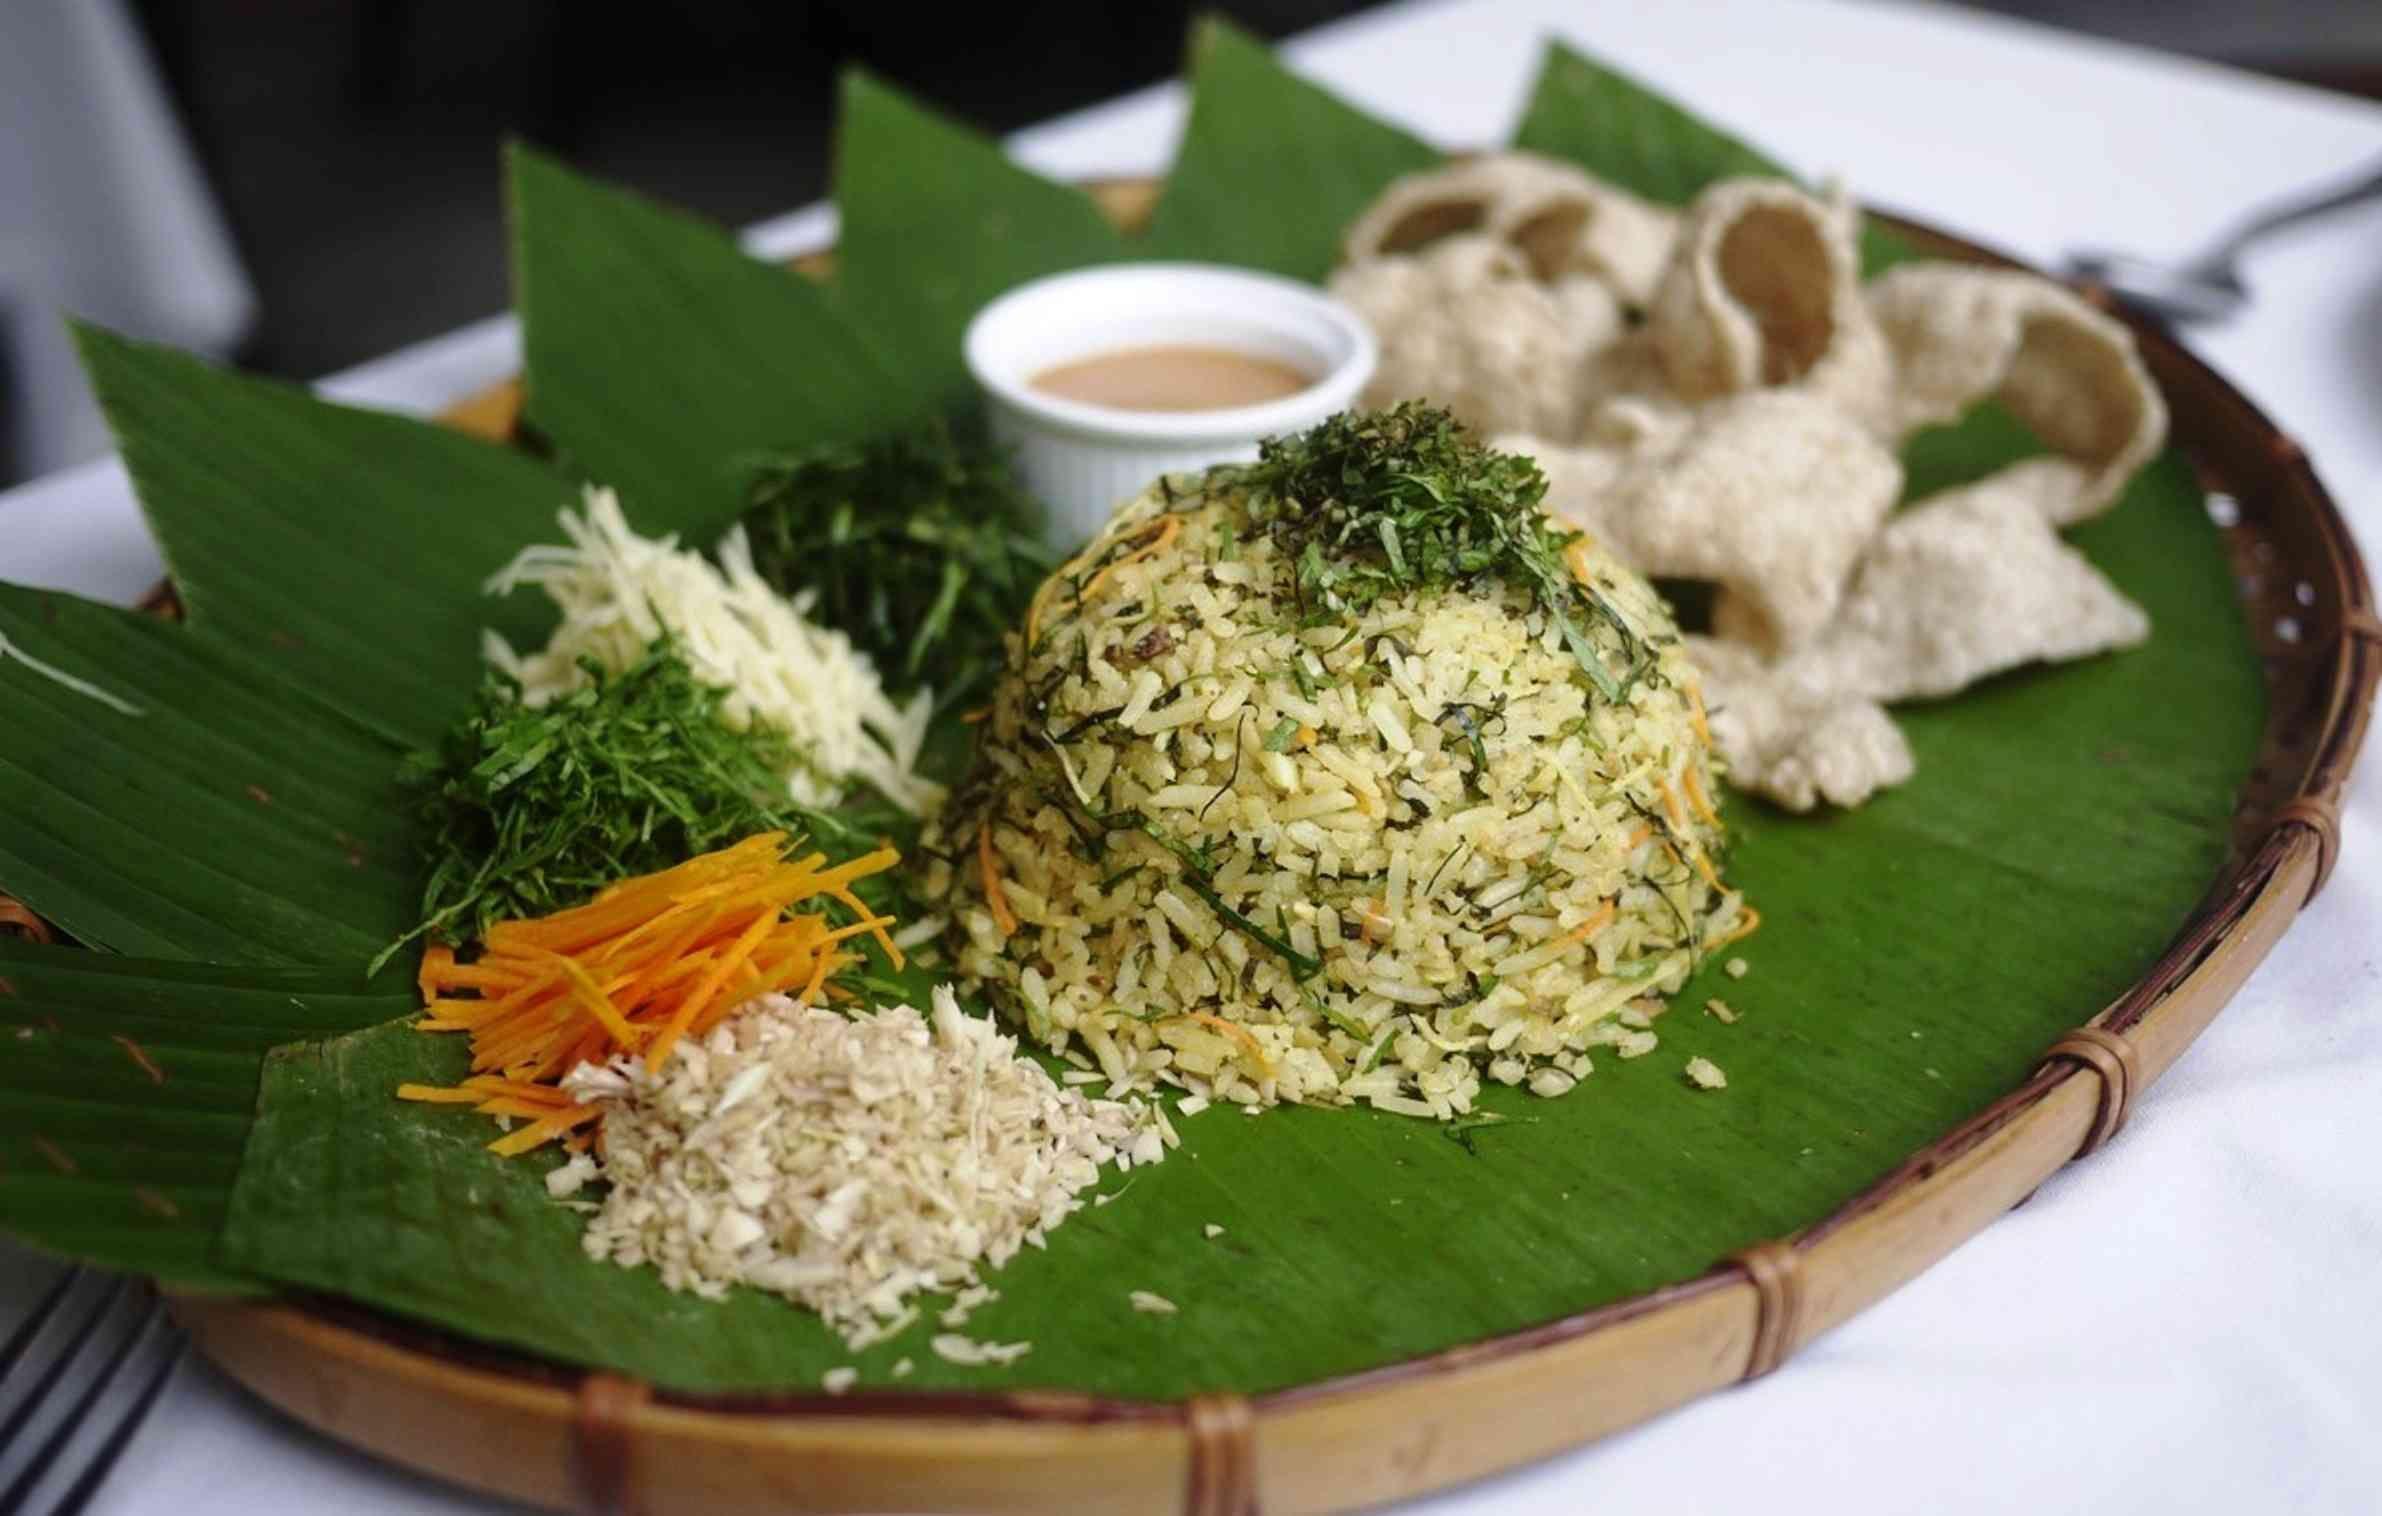 Jamu Selera Dengan Resipi Nasi Ulam Utara Paling Sedap Mudah Rasa Pale Flavors Rice